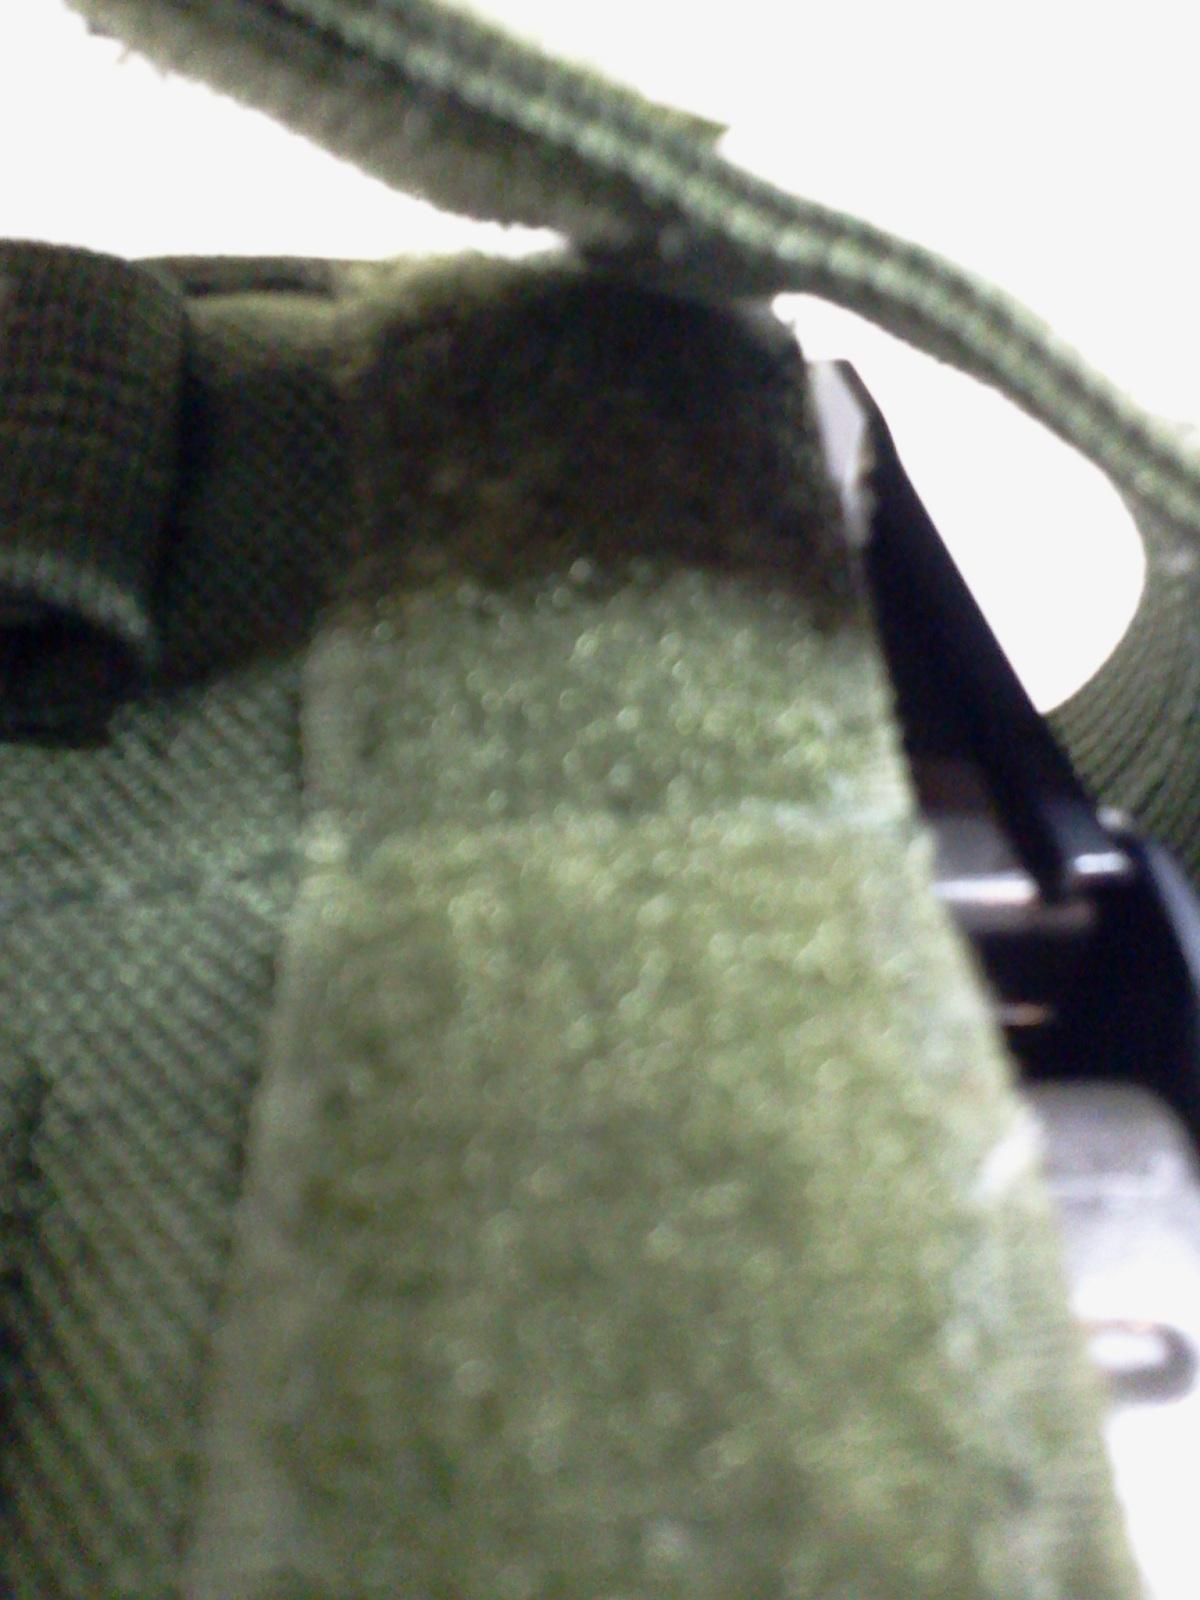 London Bridge Trading Co LTD MAS Grey H&K 416 417 MP7 MK24 HK45CT Operator Kit (Rare)-lbt_p7m13_2.jpg